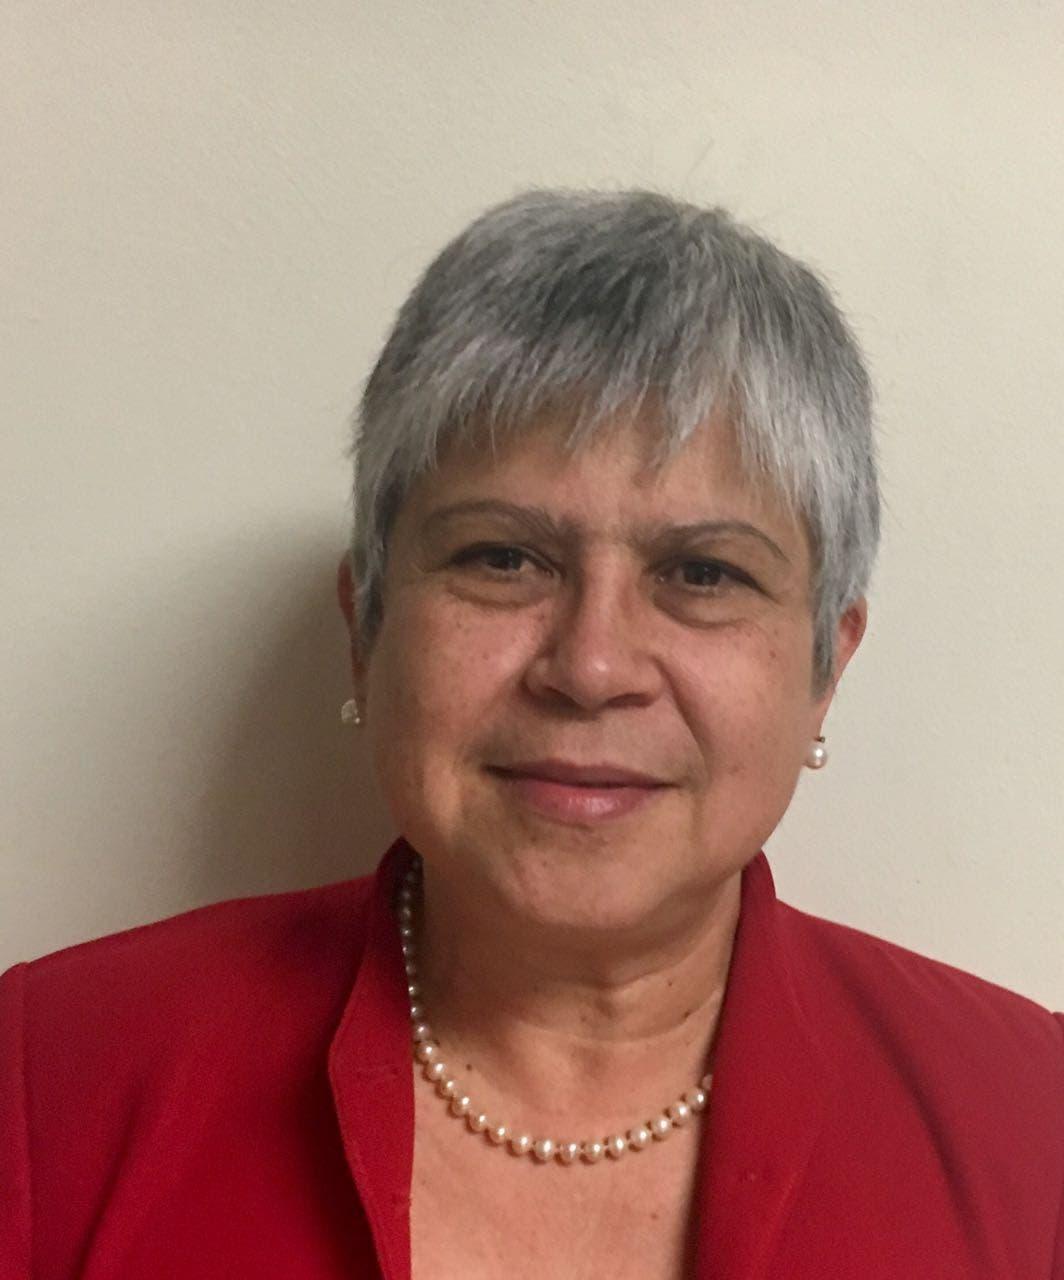 Embajadora de Costa Rica en RD dictará conferencia este jueves en la Academia de Ciencias